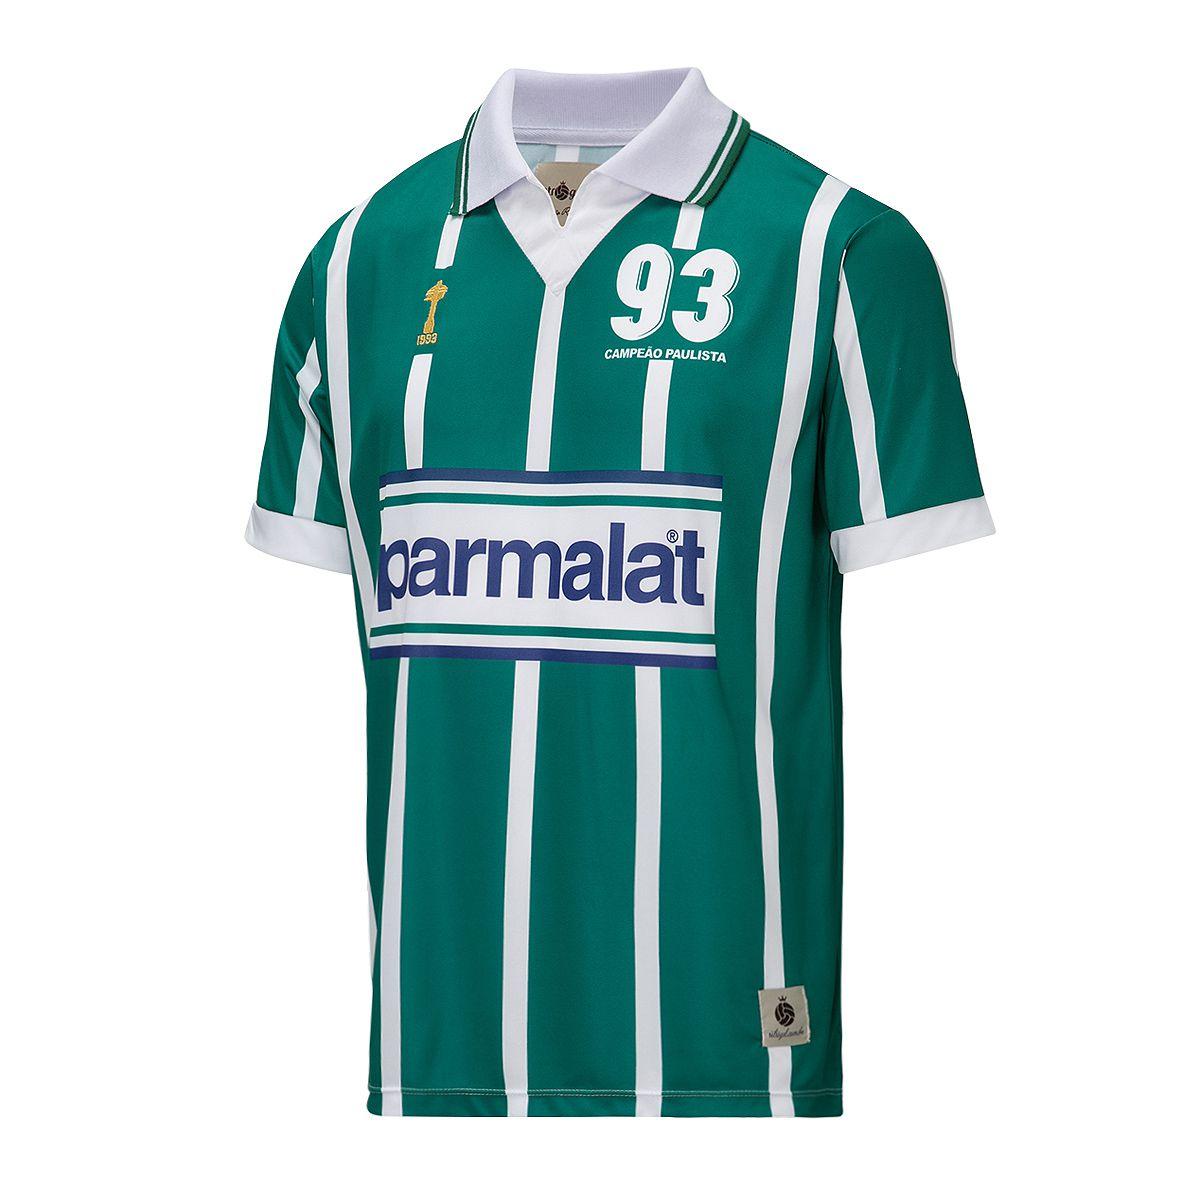 Camisa Retrô Palmeiras Brasileiro 1993